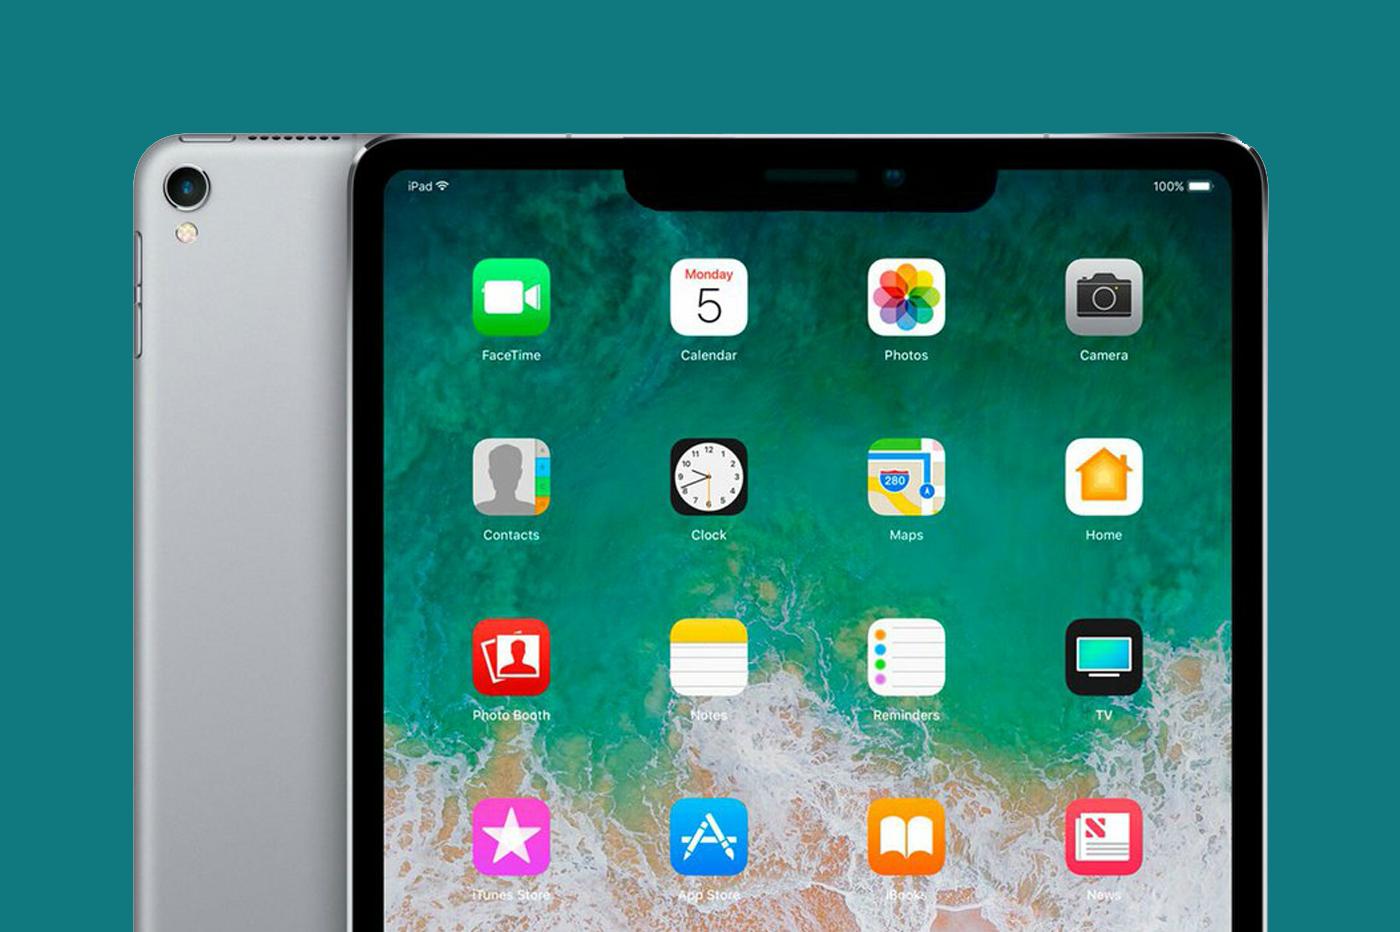 iPad notch